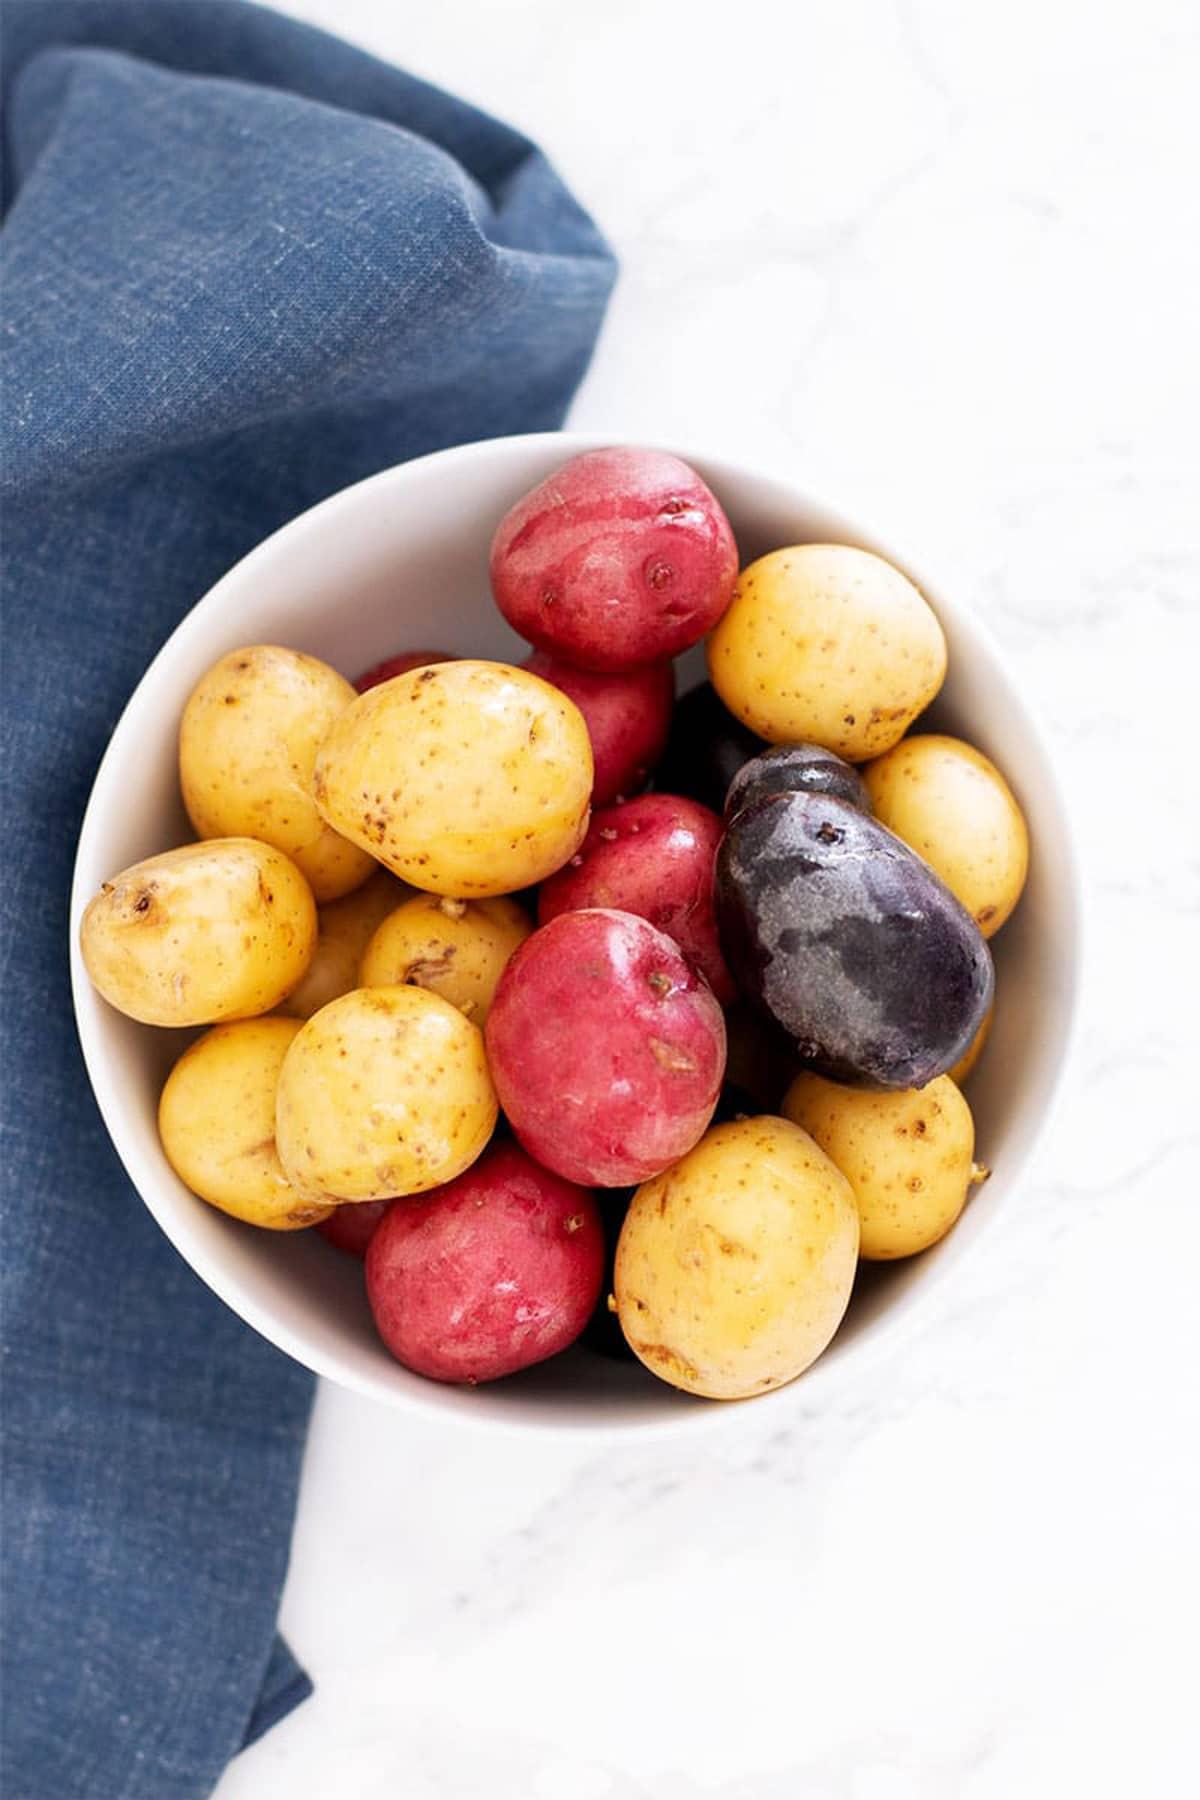 White bowl containing mini gemstone potatoes sitting on a white table, blue napkin around bowl